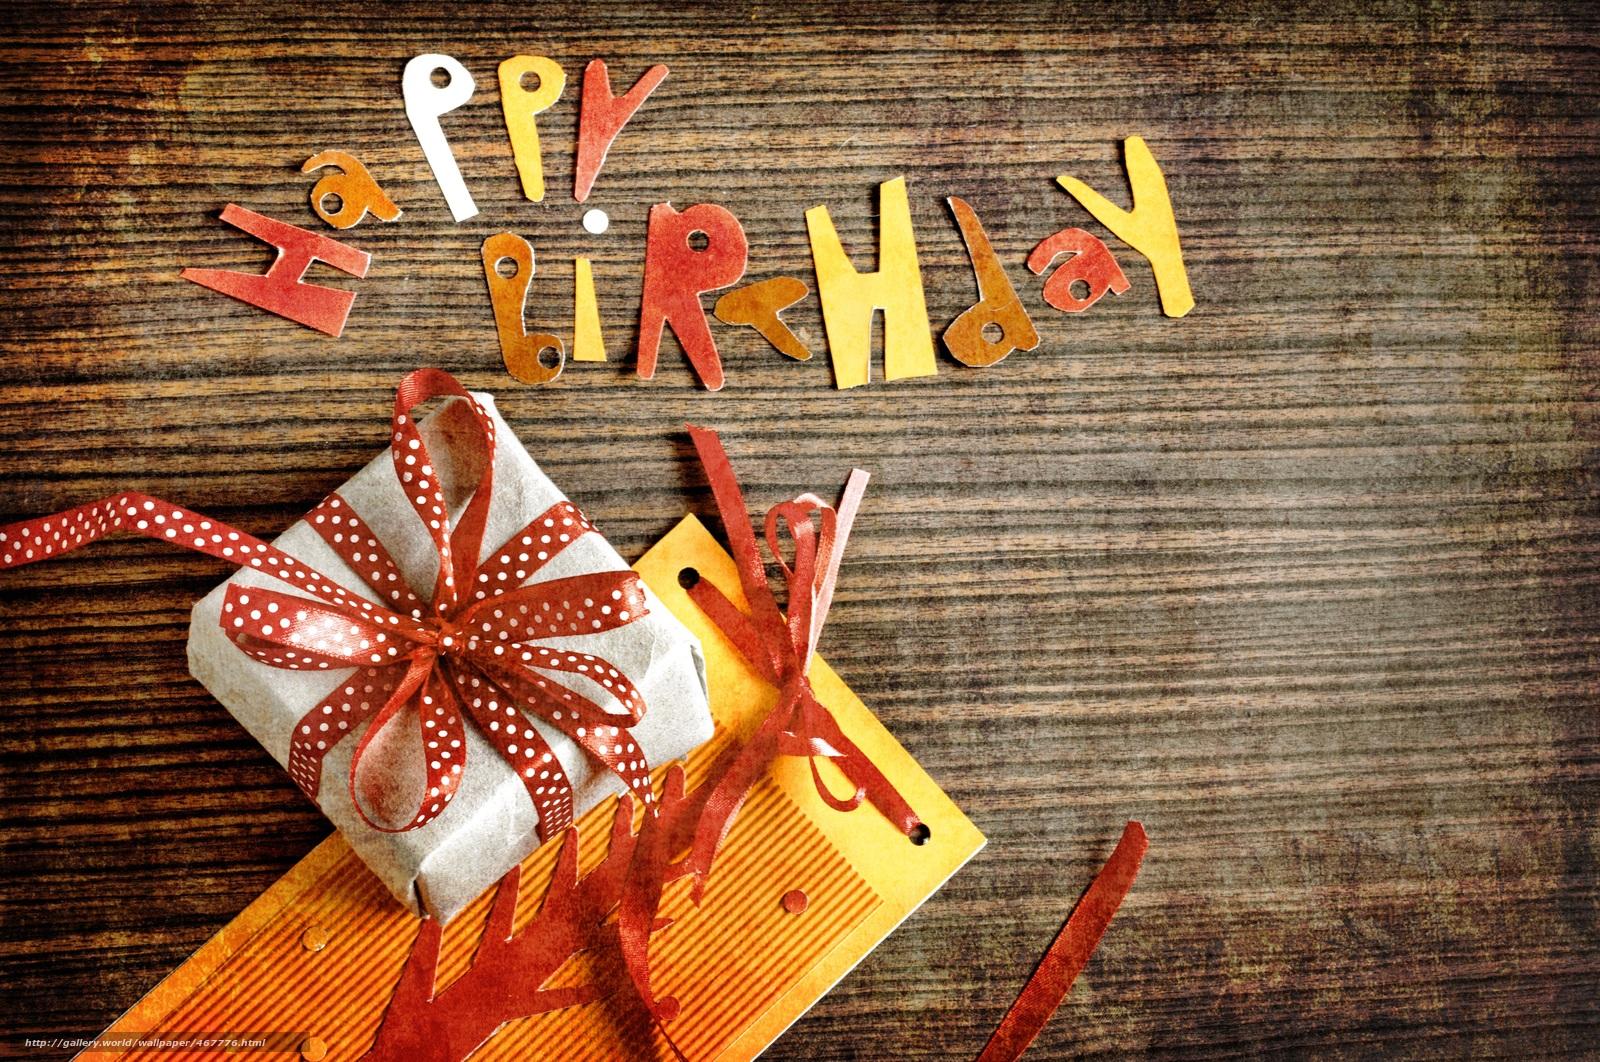 Оригинальная открытка с днем рождения коллеге мужчине